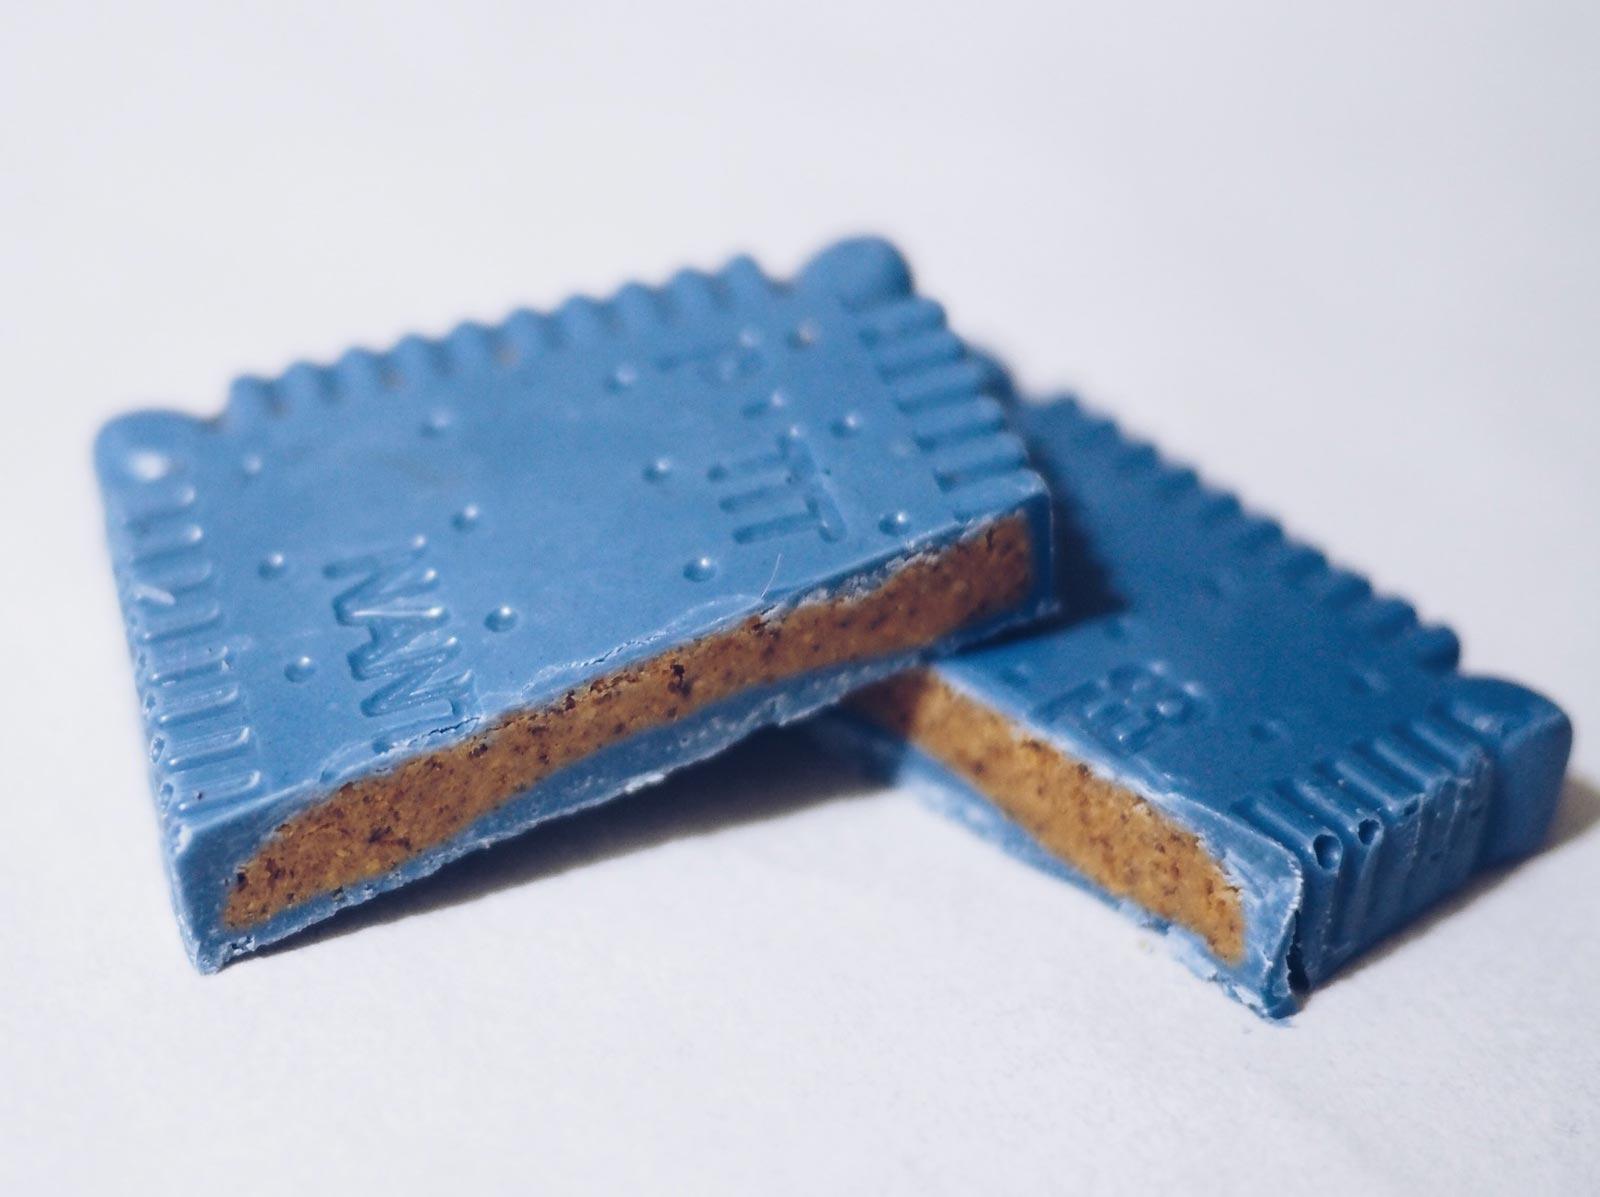 LUのプチ・ブールと青いチョコレートのコラボアイテム「ビスケット型チョコレート」